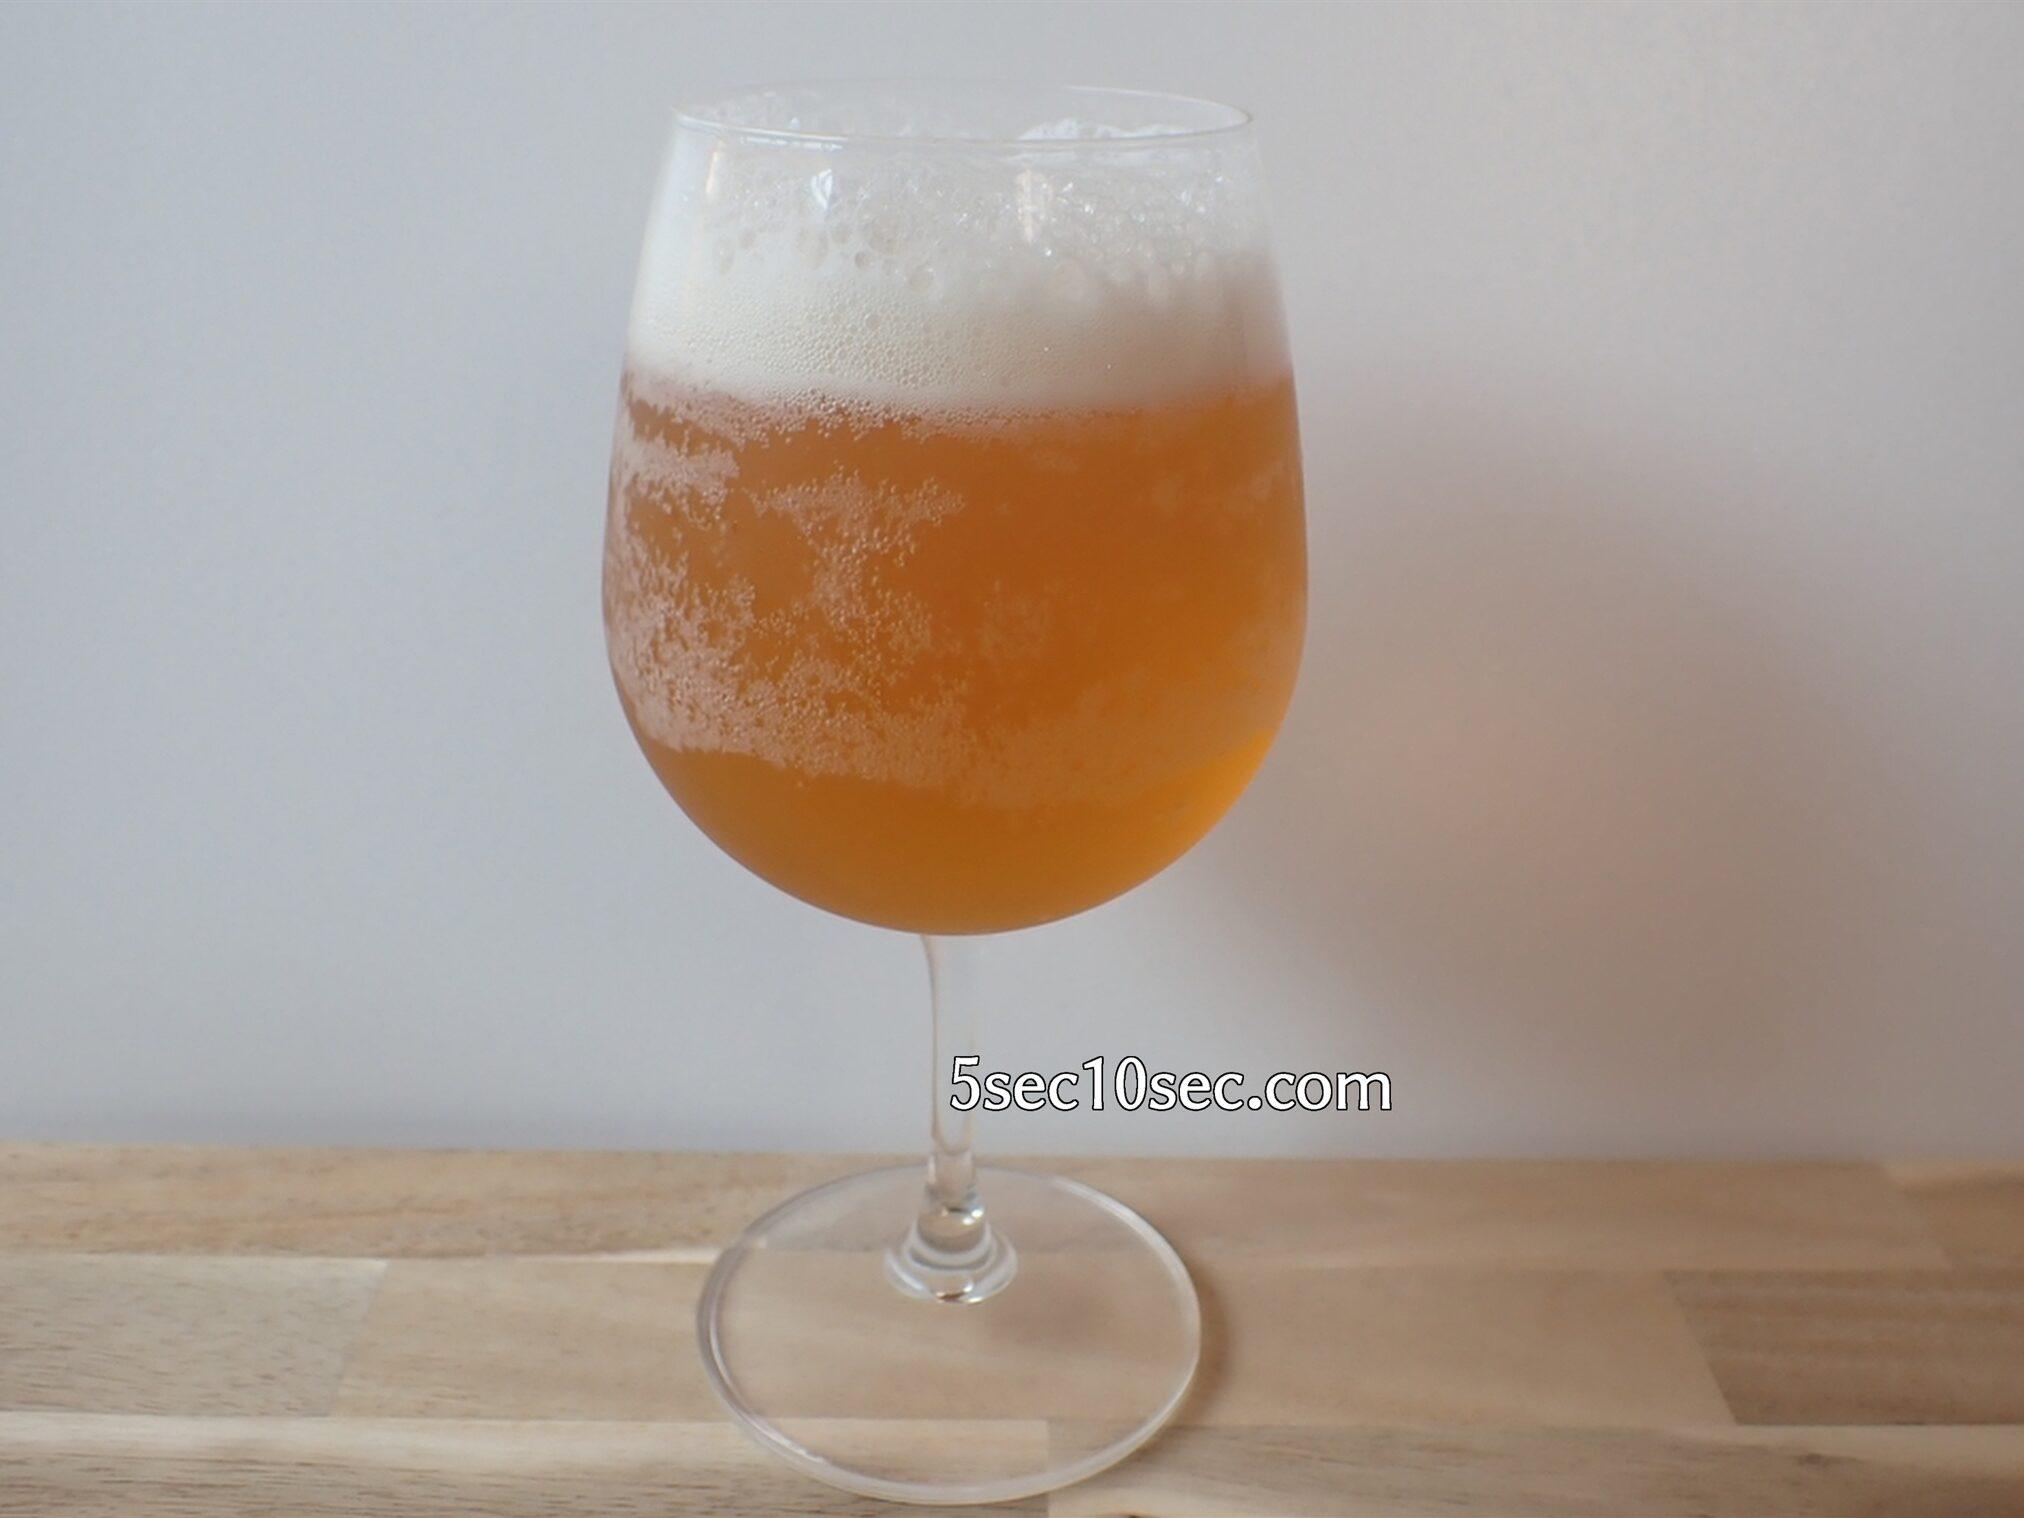 アルコールが入っていないだけで味はビールそのもの ノンアルコールビール、ビールテイスト飲料 キリン 零ICHI(ゼロイチ)